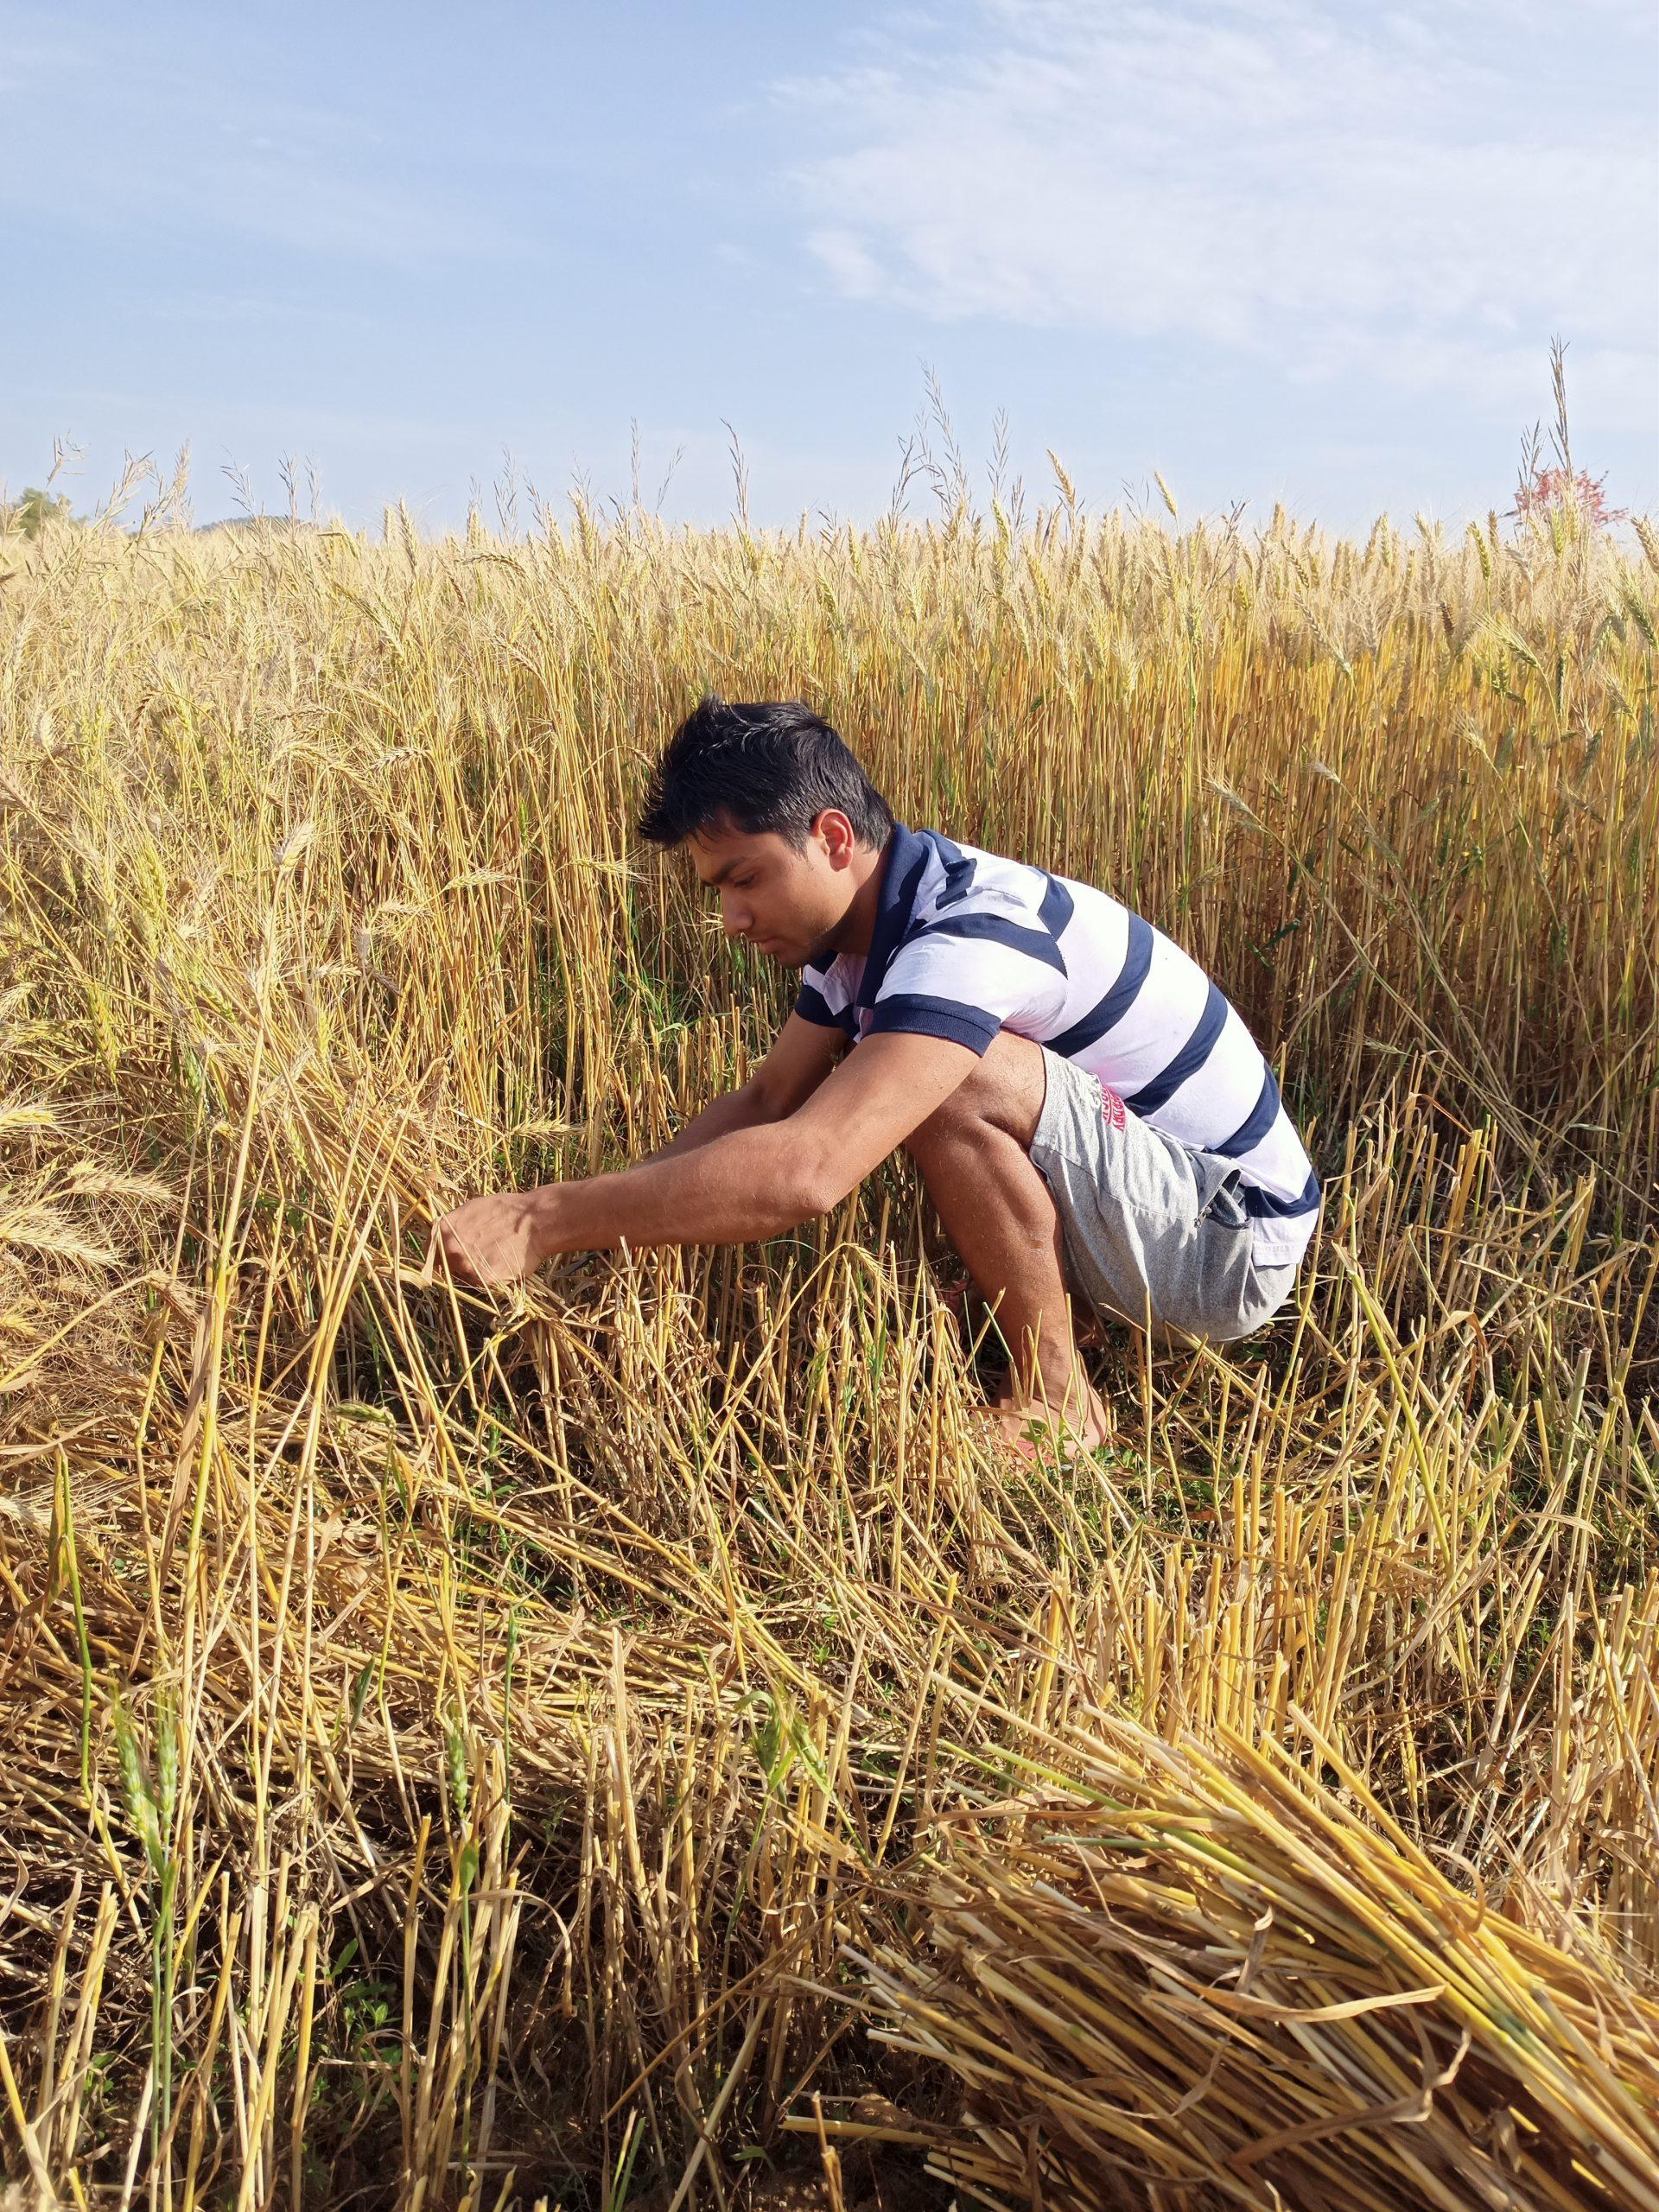 A farmer cutting wheat crops